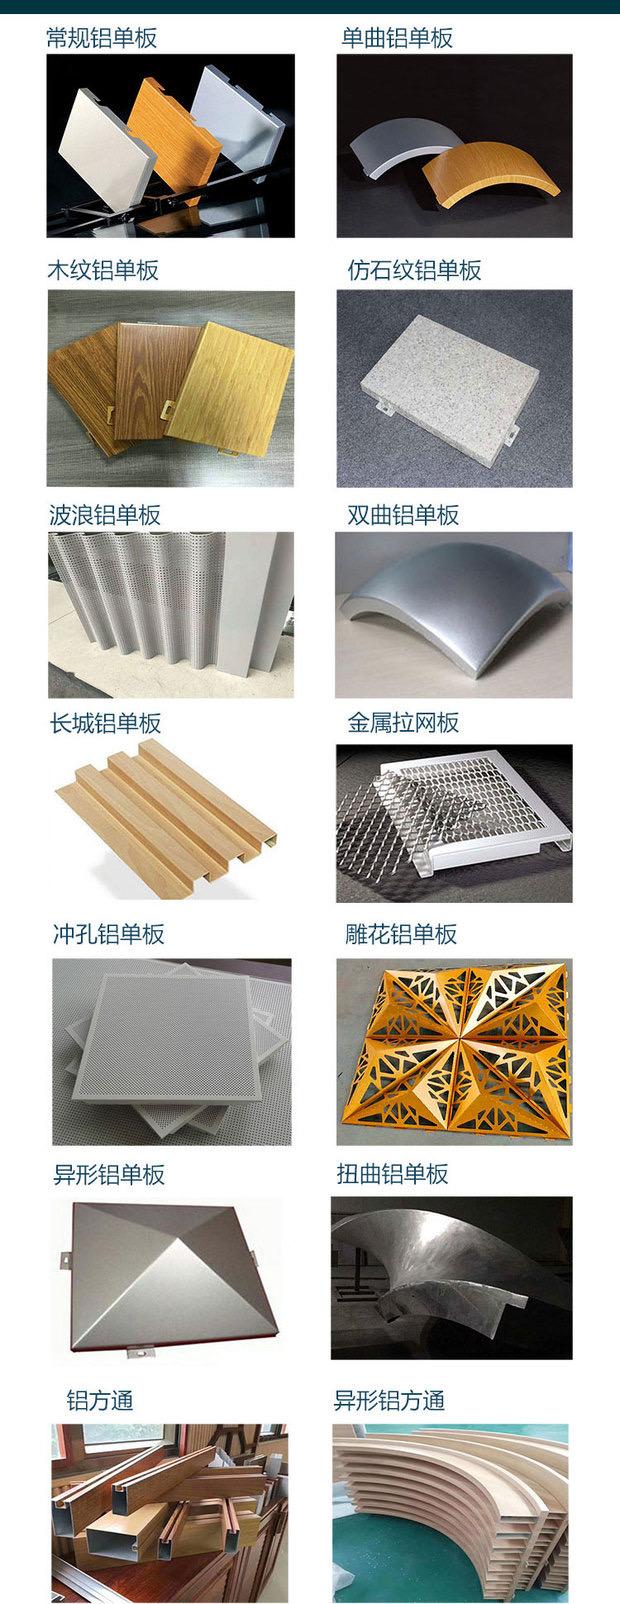 铝单板-河南永高建材有限公司